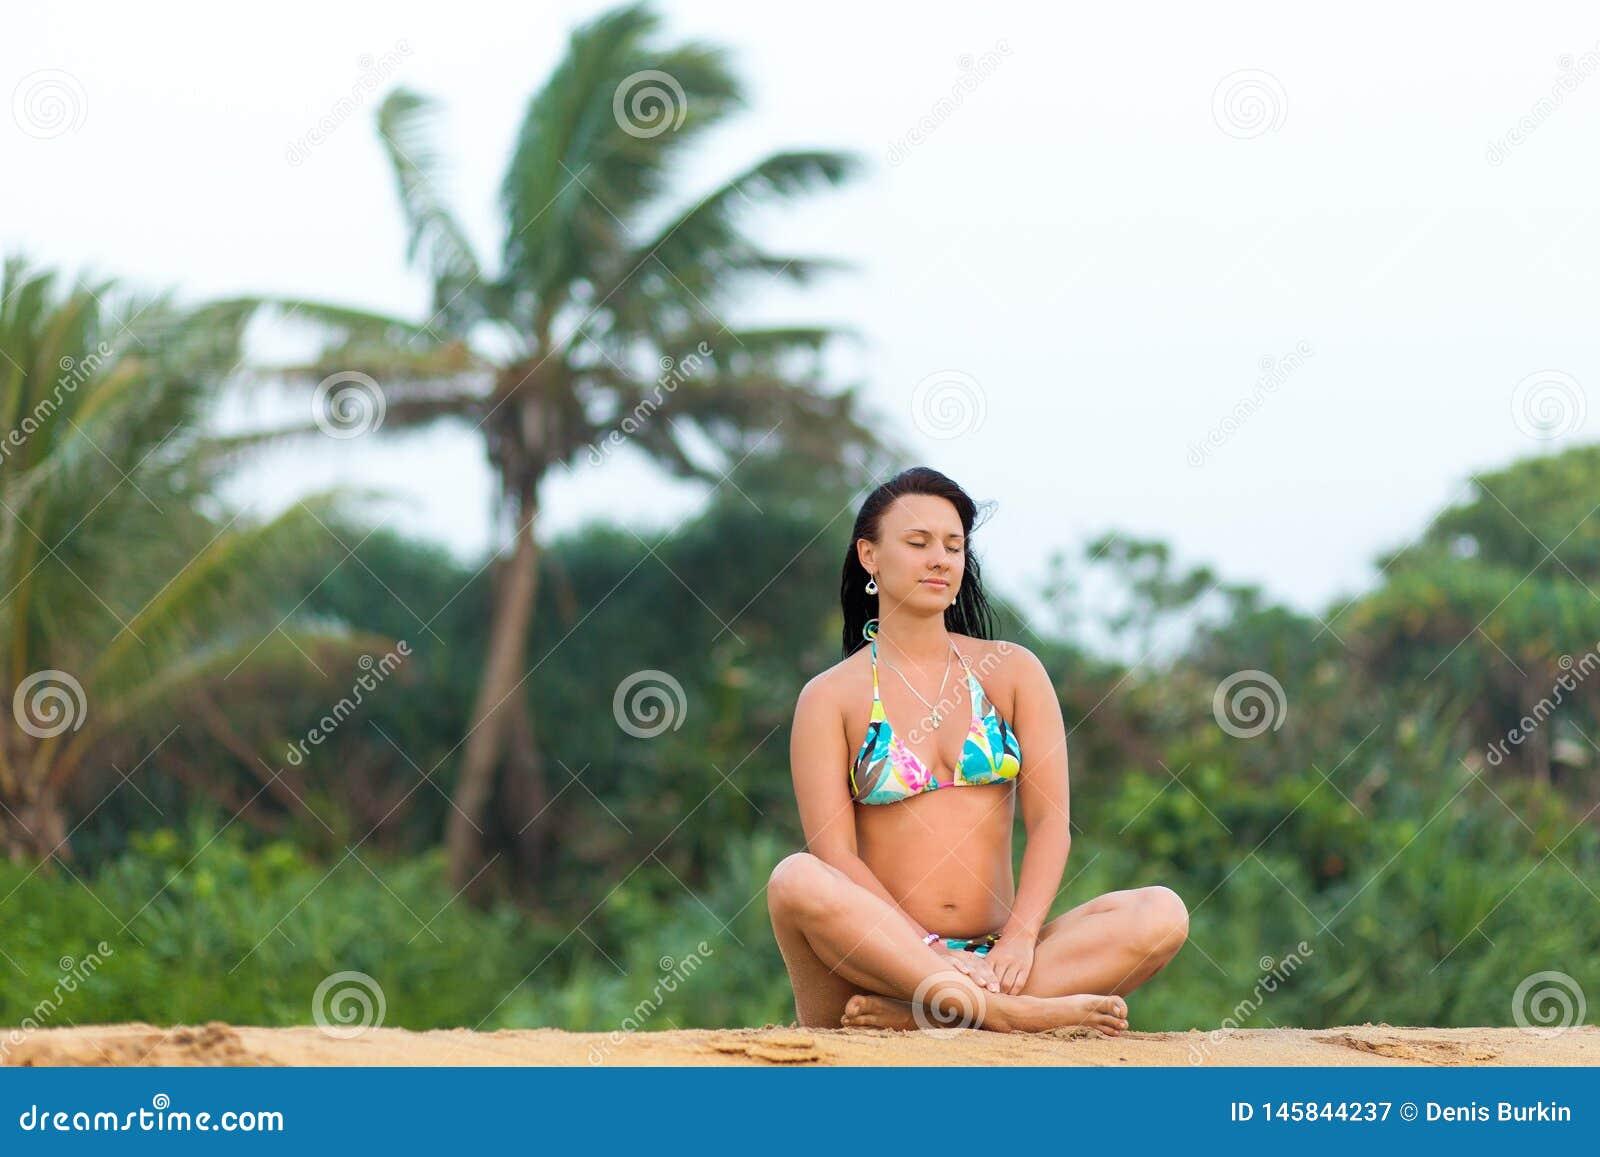 Fille dans un maillot de bain posant sur la plage Sri Lanka r